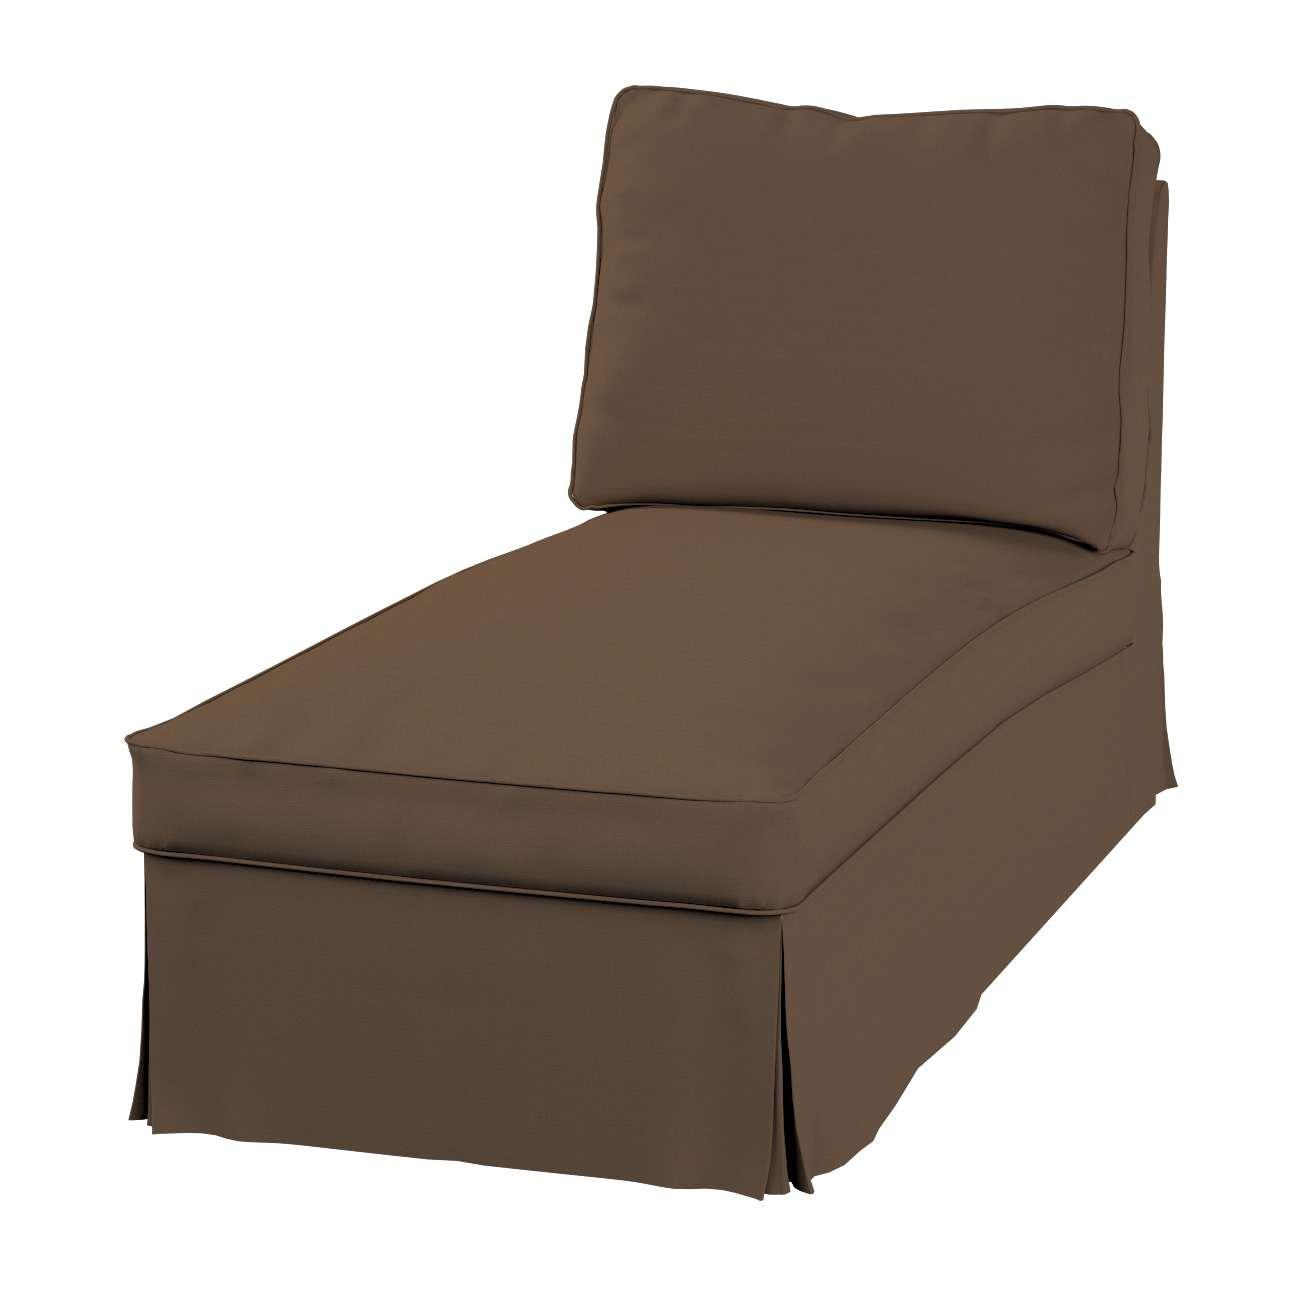 Ektorp gulimojo krėslo užvalkalas (be porankių, tiesus atlošas) Ektorp gulimasis krėslas be porankių, tiesiu atlošu, be suapavalinimų kolekcijoje Cotton Panama, audinys: 702-02